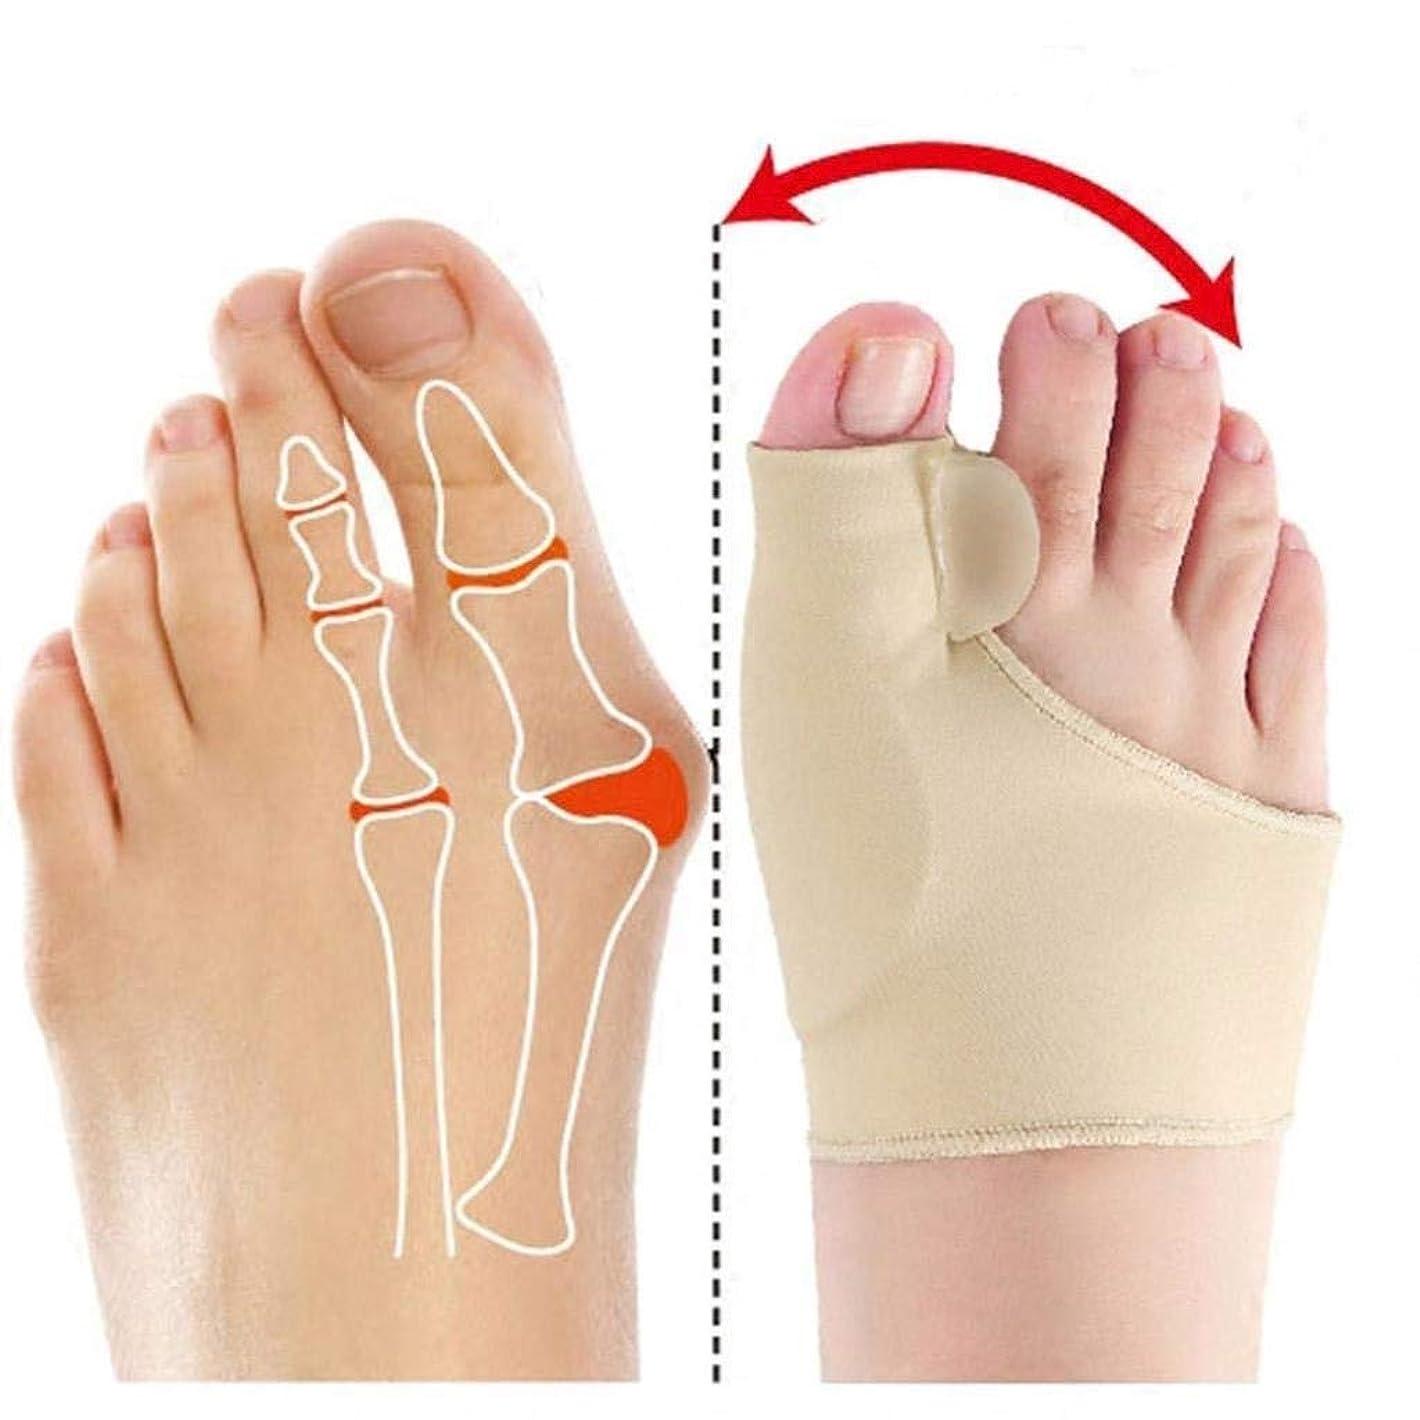 飼い慣らすつばレコーダーDyong Thumb Toe Corrector Big Toe Straightener Toe Pain Relief Sleeve、Bunion Splint Support Sleeve with Built-in Silicone Gel Pad for Hallux Valgus Pain Relief